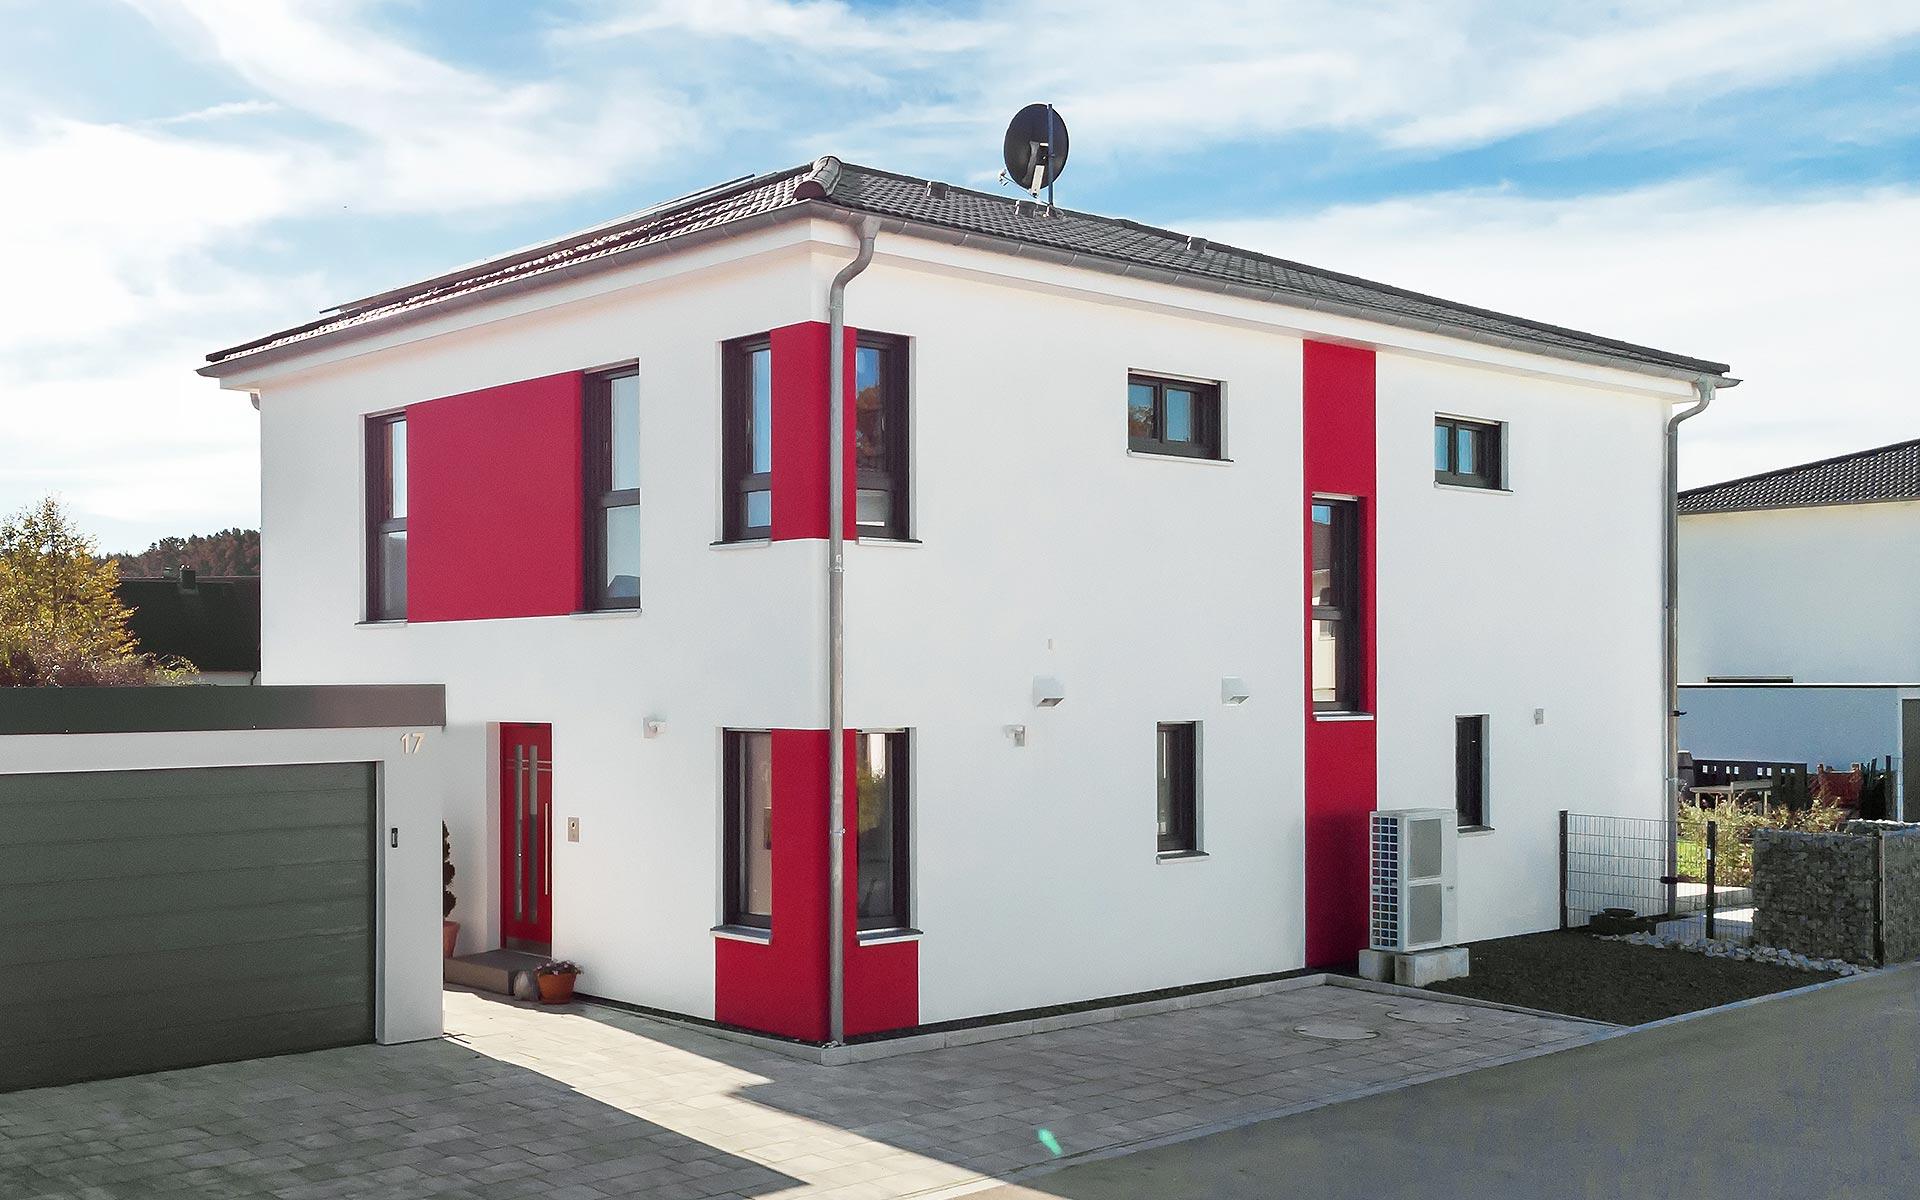 Stadtvilla 200 von FischerHaus GmbH & Co. KG